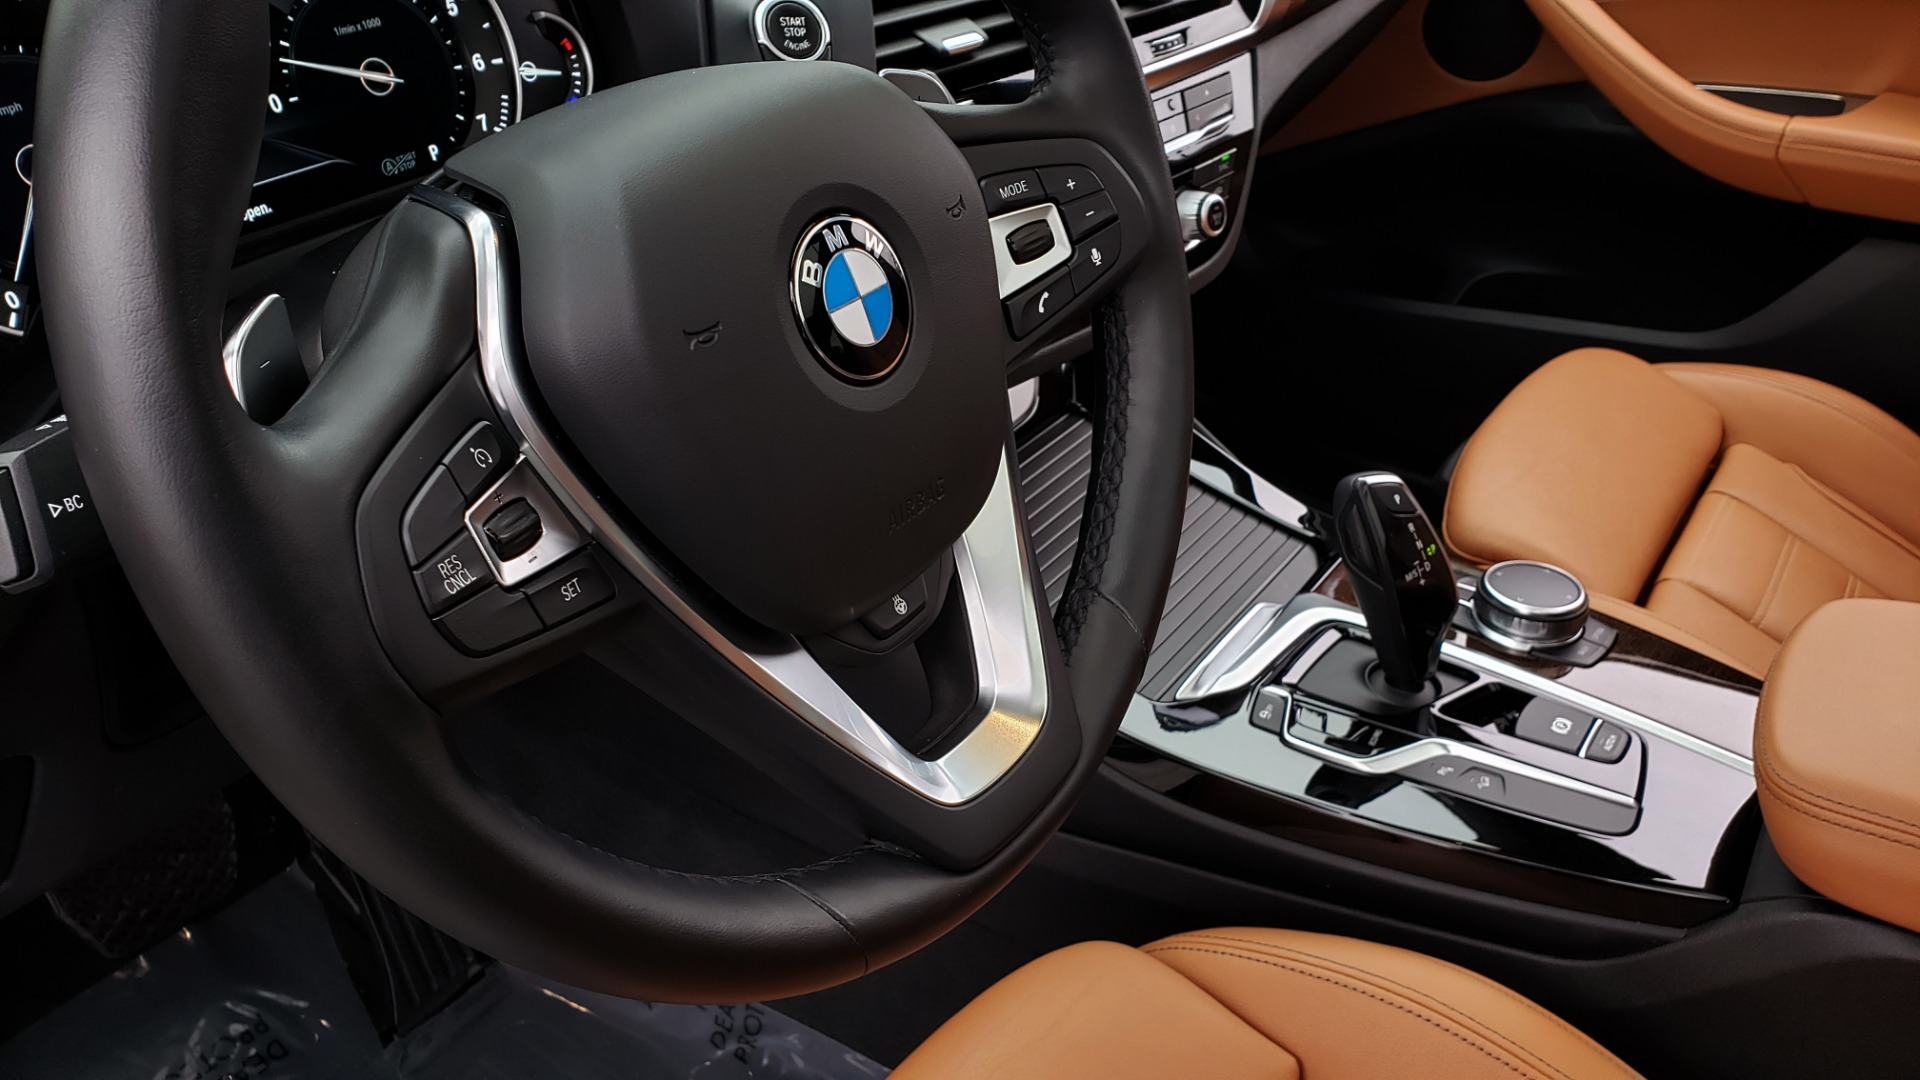 Used 2018 BMW X3 XDRIVE30I / LUX PKG / PREM PKG / CONV PKG / PDC / APPLE CARPLAY for sale Sold at Formula Imports in Charlotte NC 28227 42